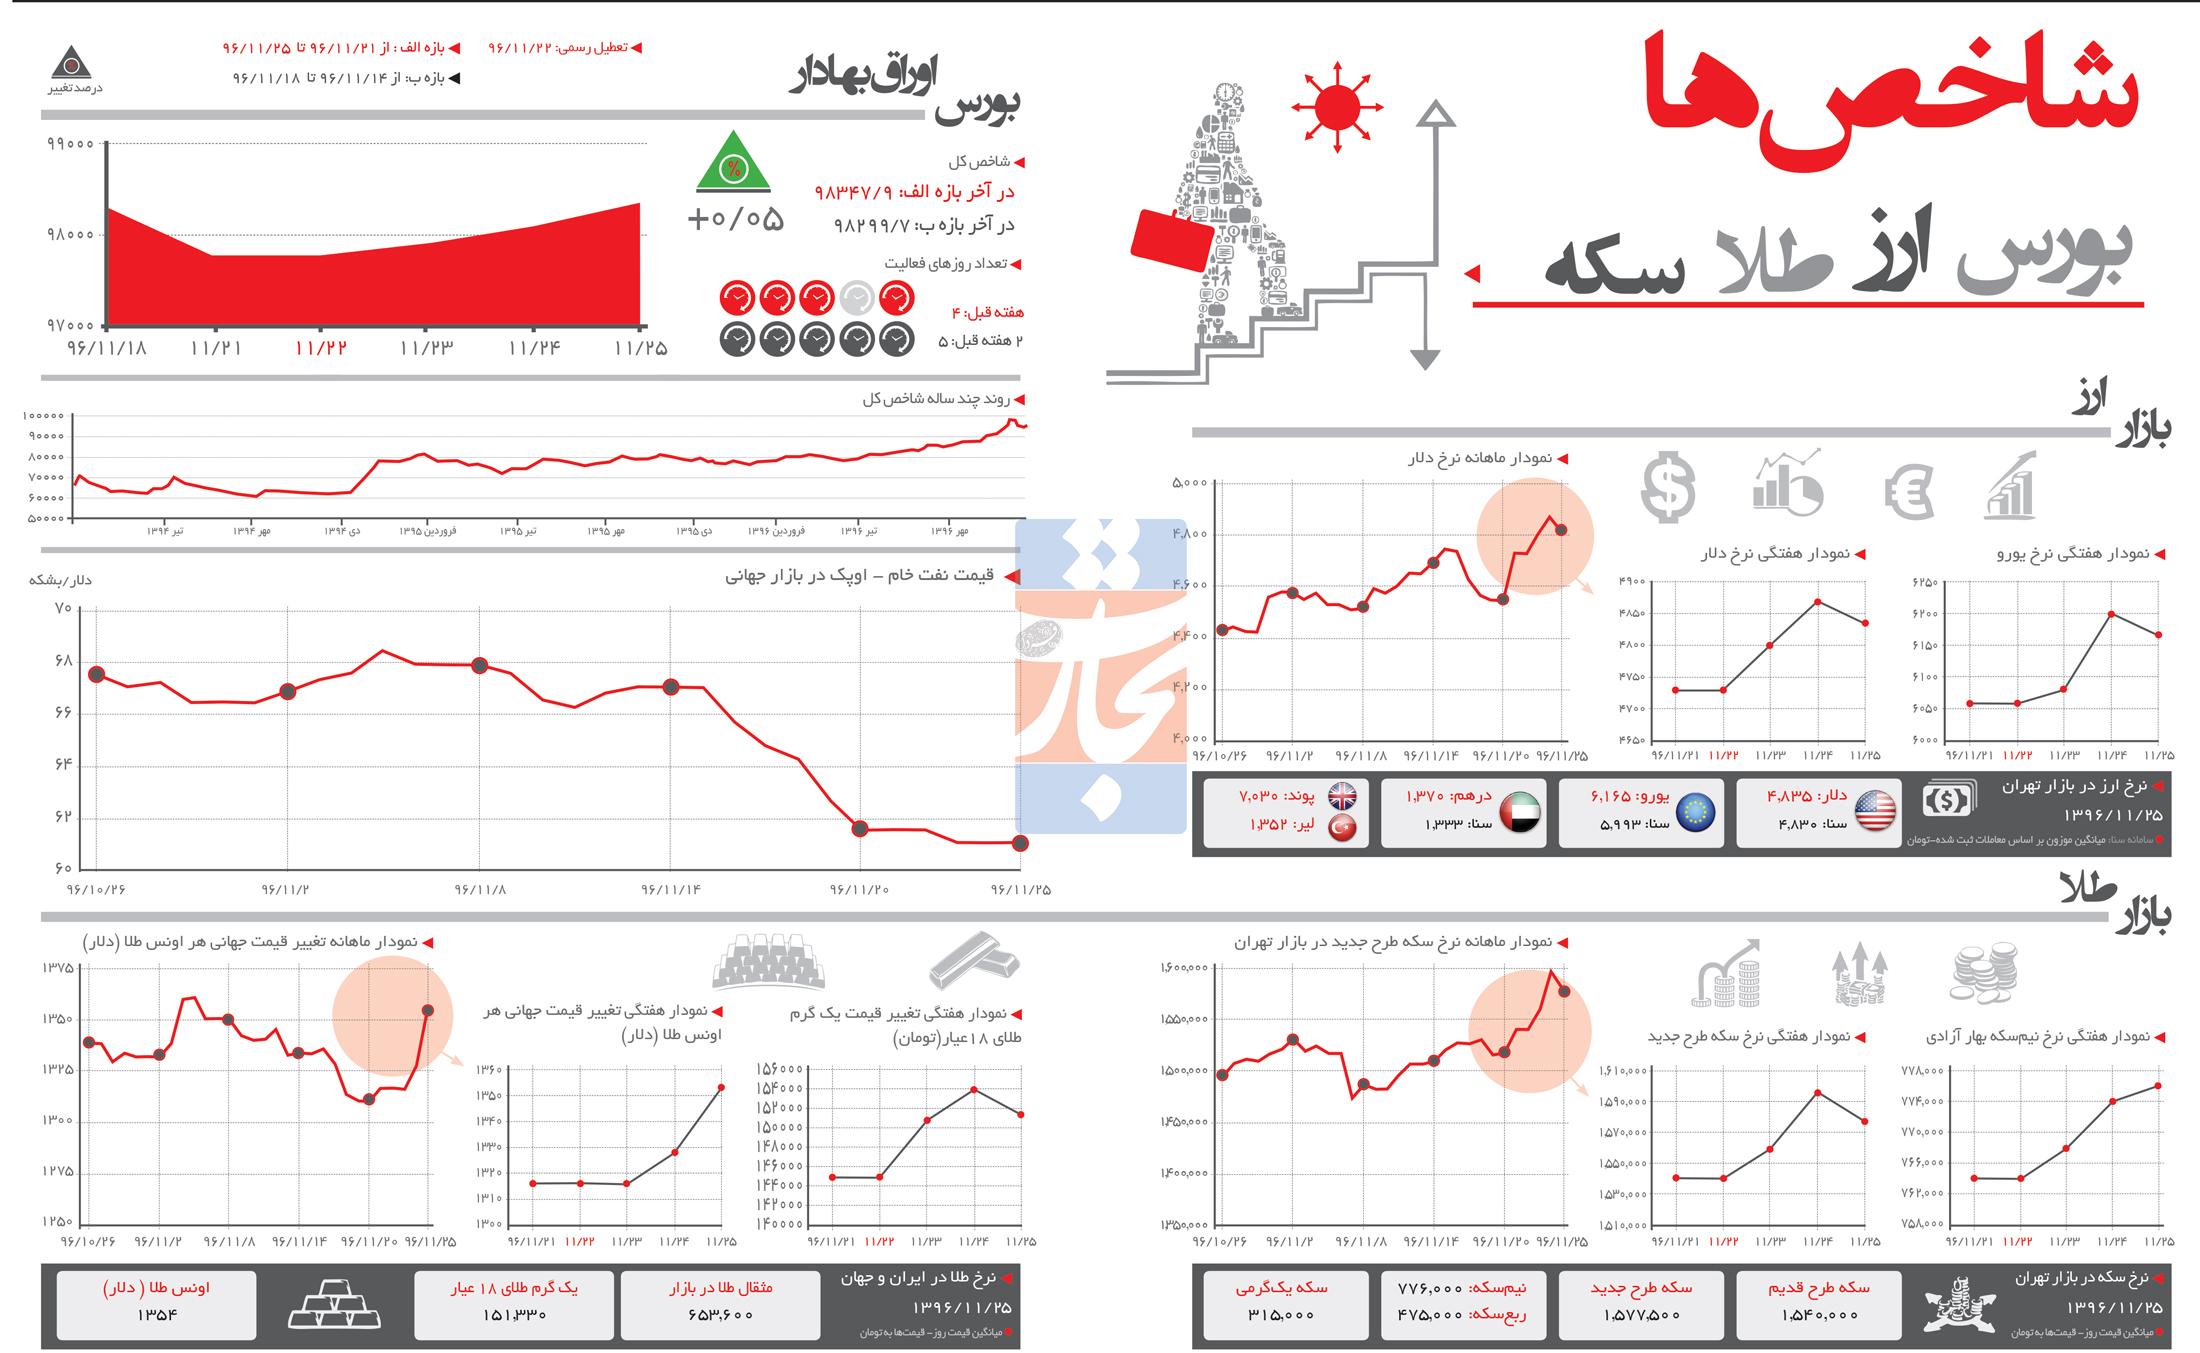 تجارت فردا- اینفوگرافیک - شاخصهای اقتصادی (259)